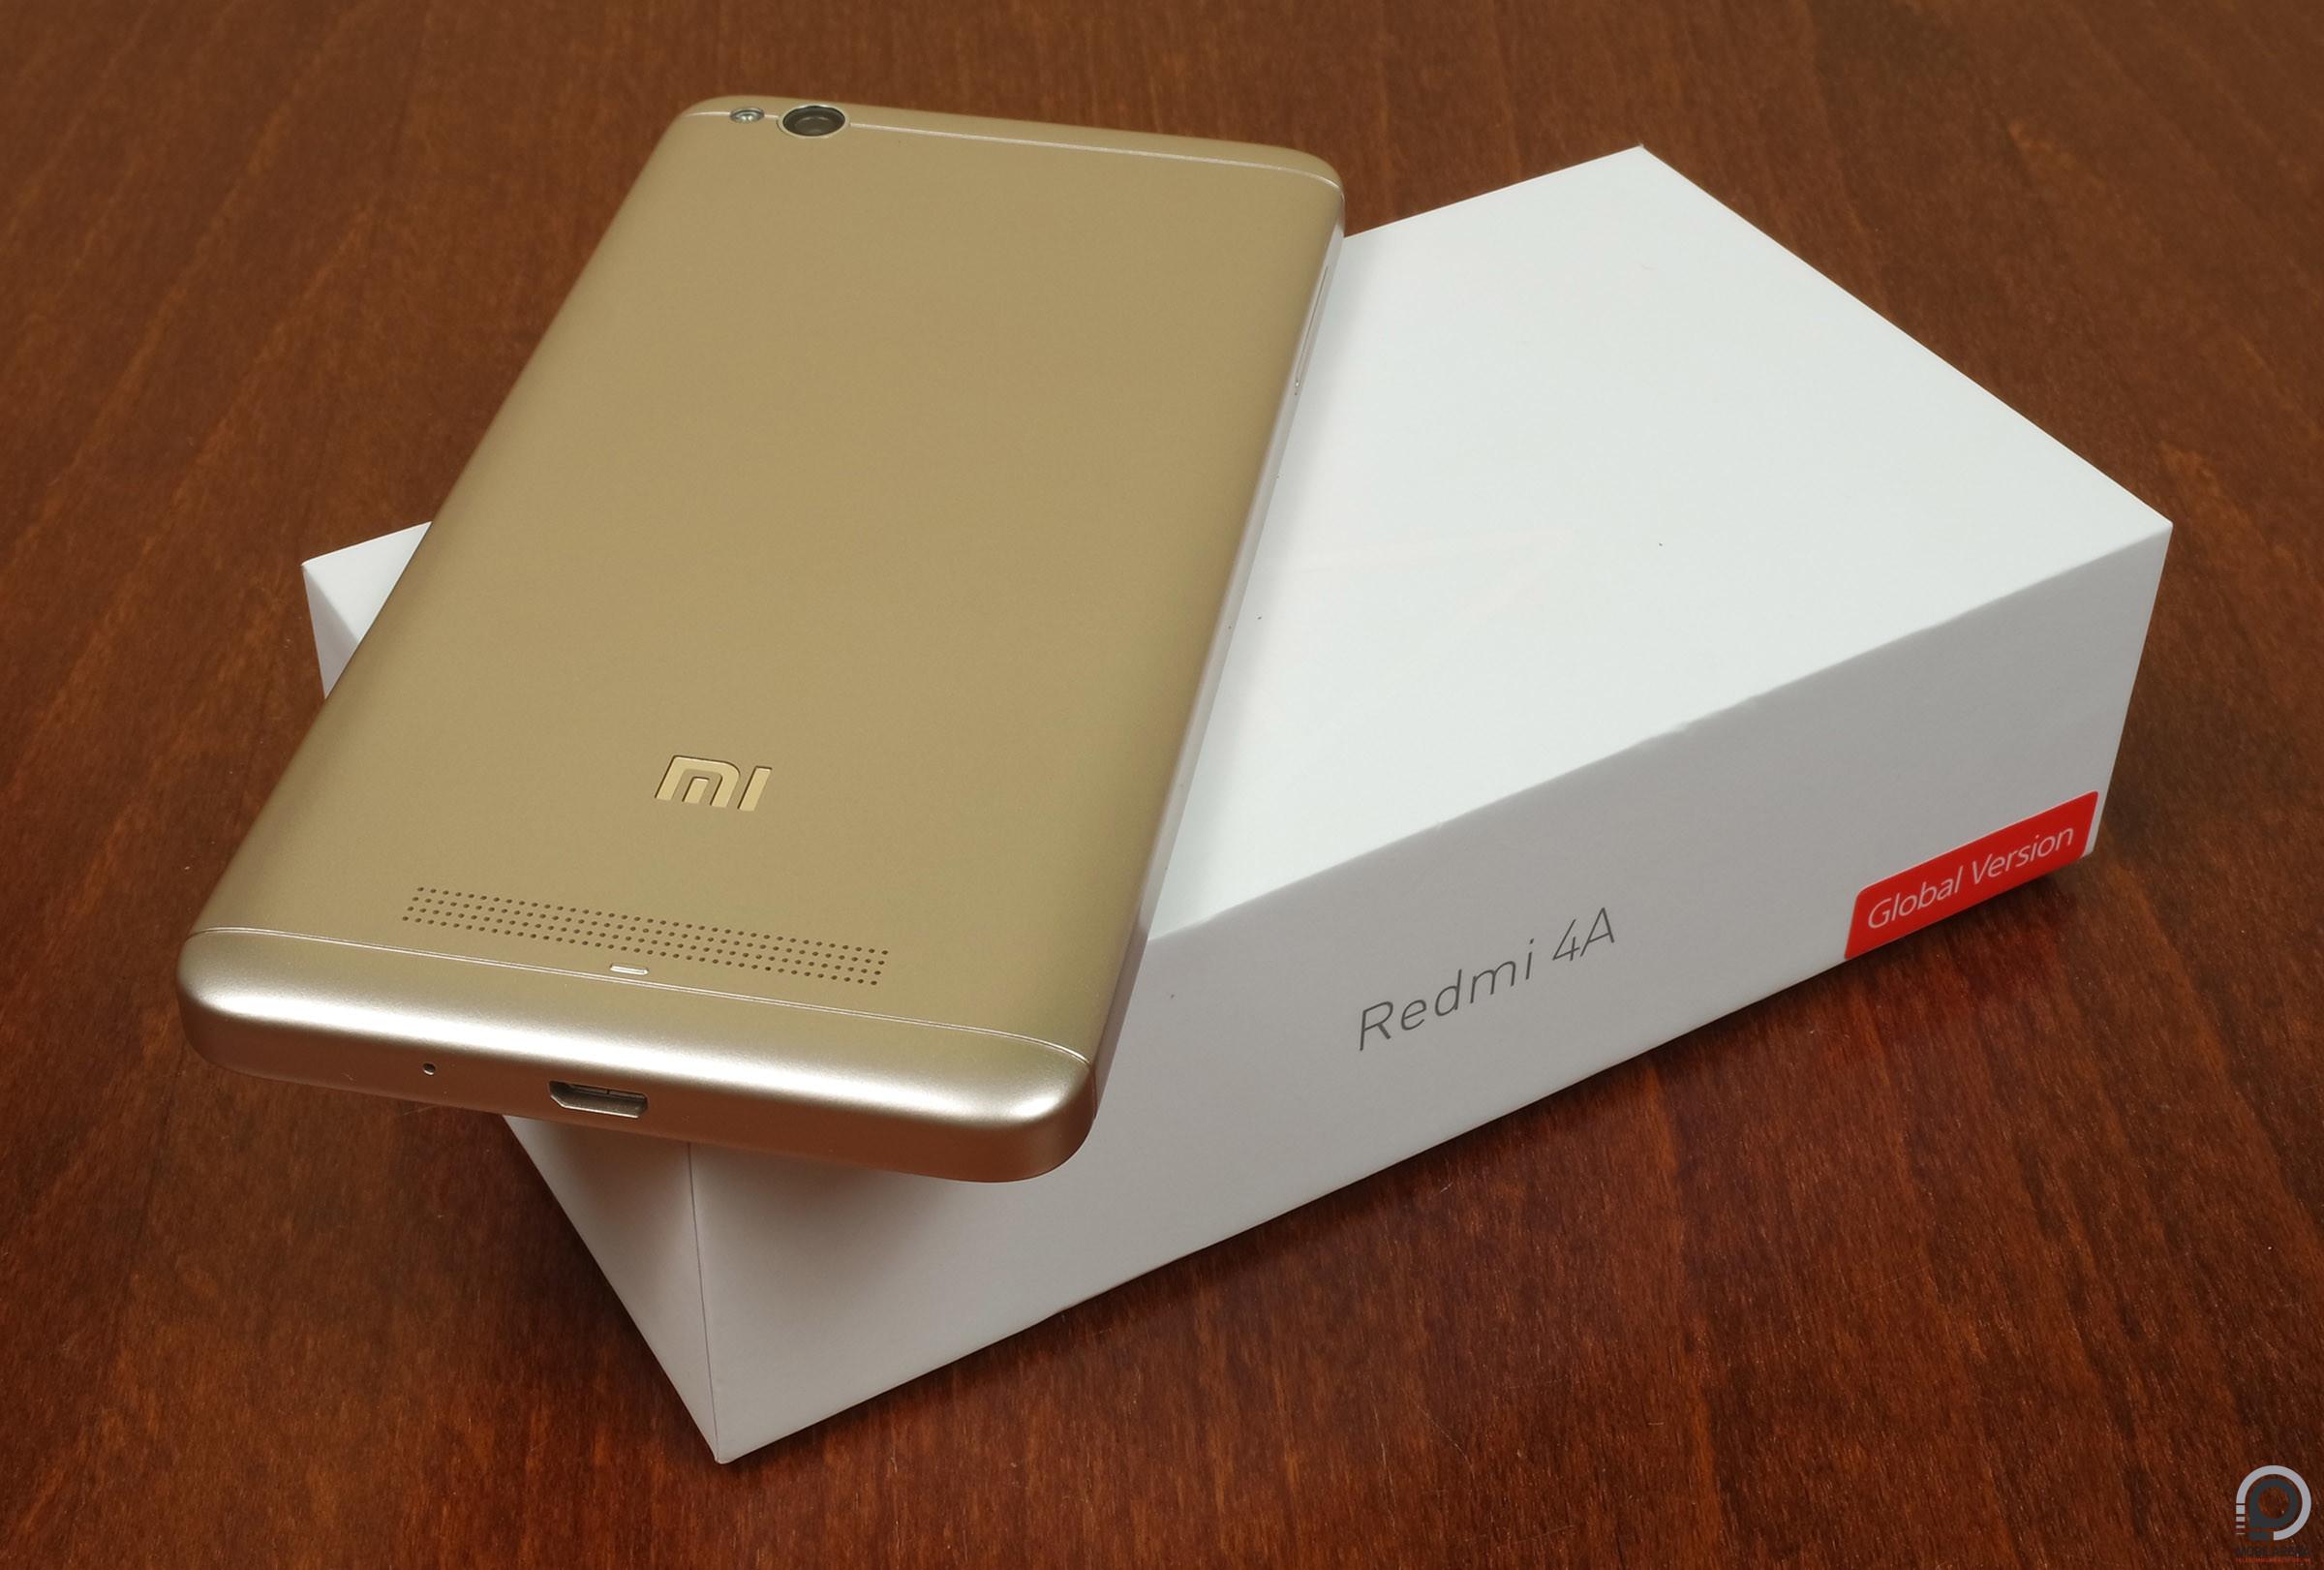 Xiaomi Redmi 4a Ennl Nem Tudsz Jobbat Mobilarena Okostelefon Teszt 3 32gb Gold A Doboz Egyetlen Rdekessge Global Version Felirat